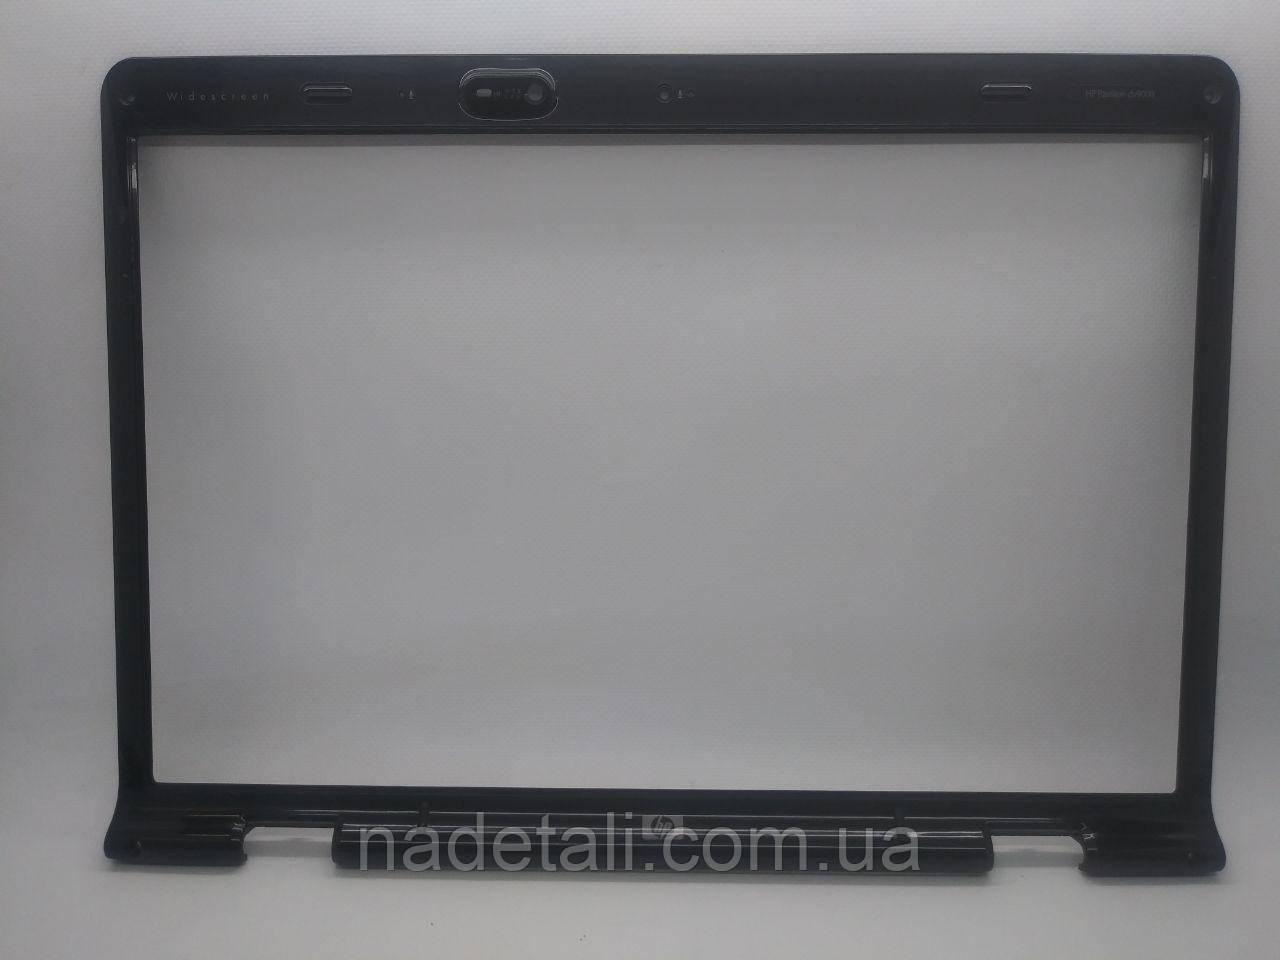 Рамка матрицы HP Pavilion DV9000 YHN3MAT5L